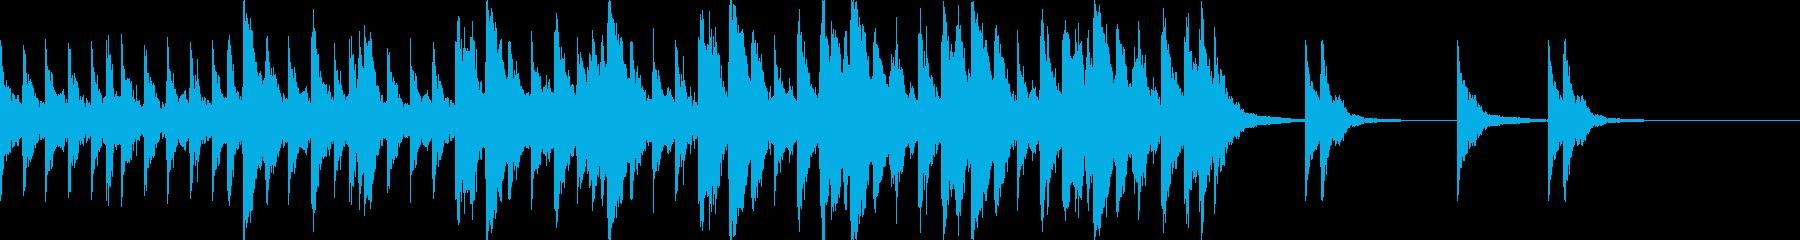 ハリウッド系の戦闘シーンの曲2の再生済みの波形